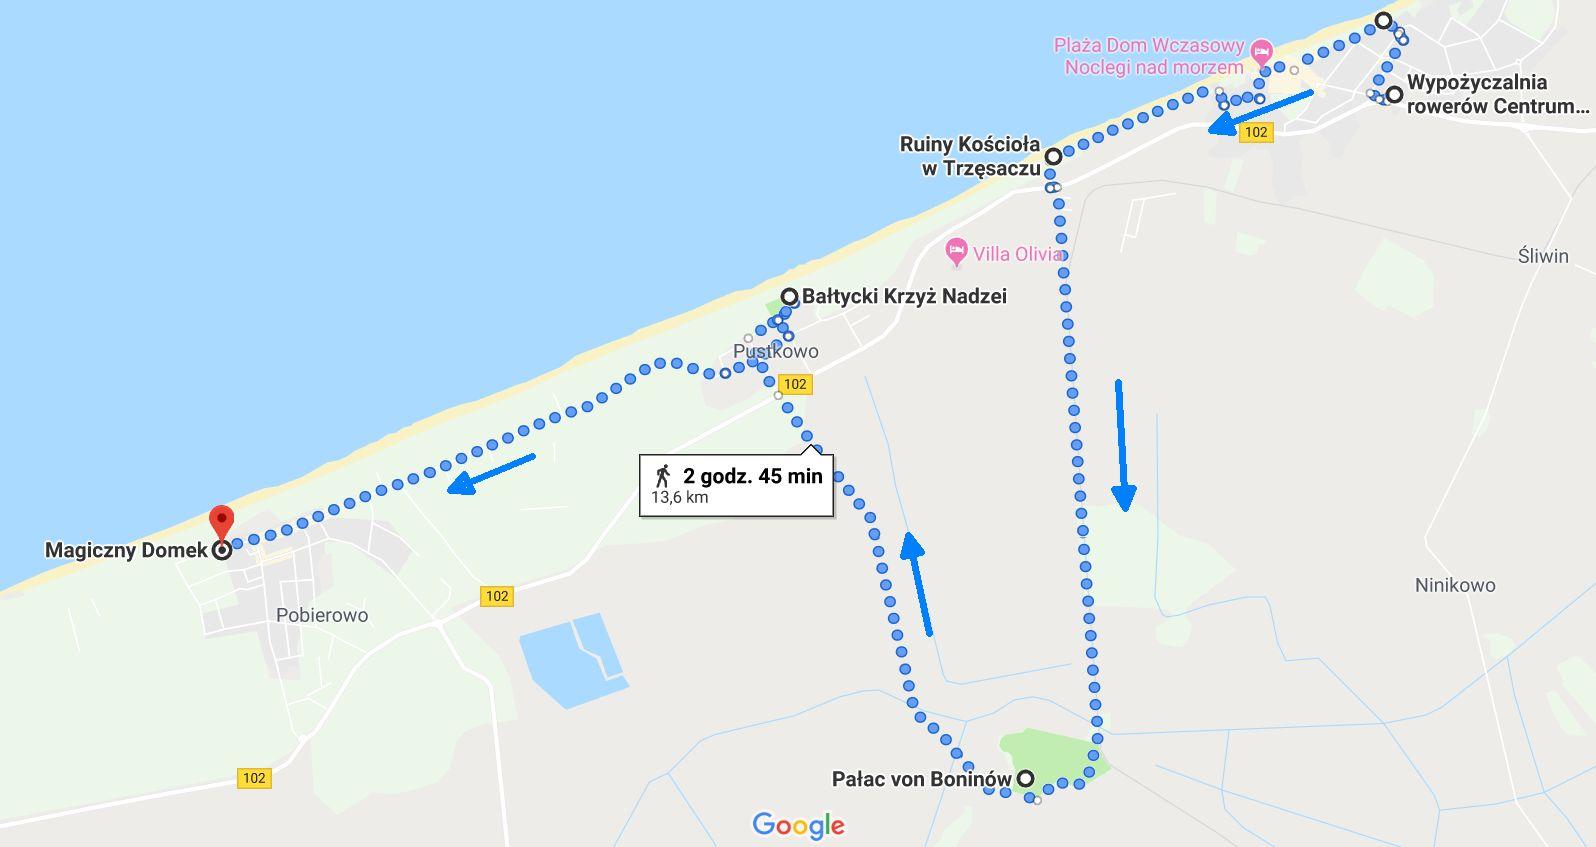 Przebieg trasy z Rewala do Pobierowa przez Dreżewo